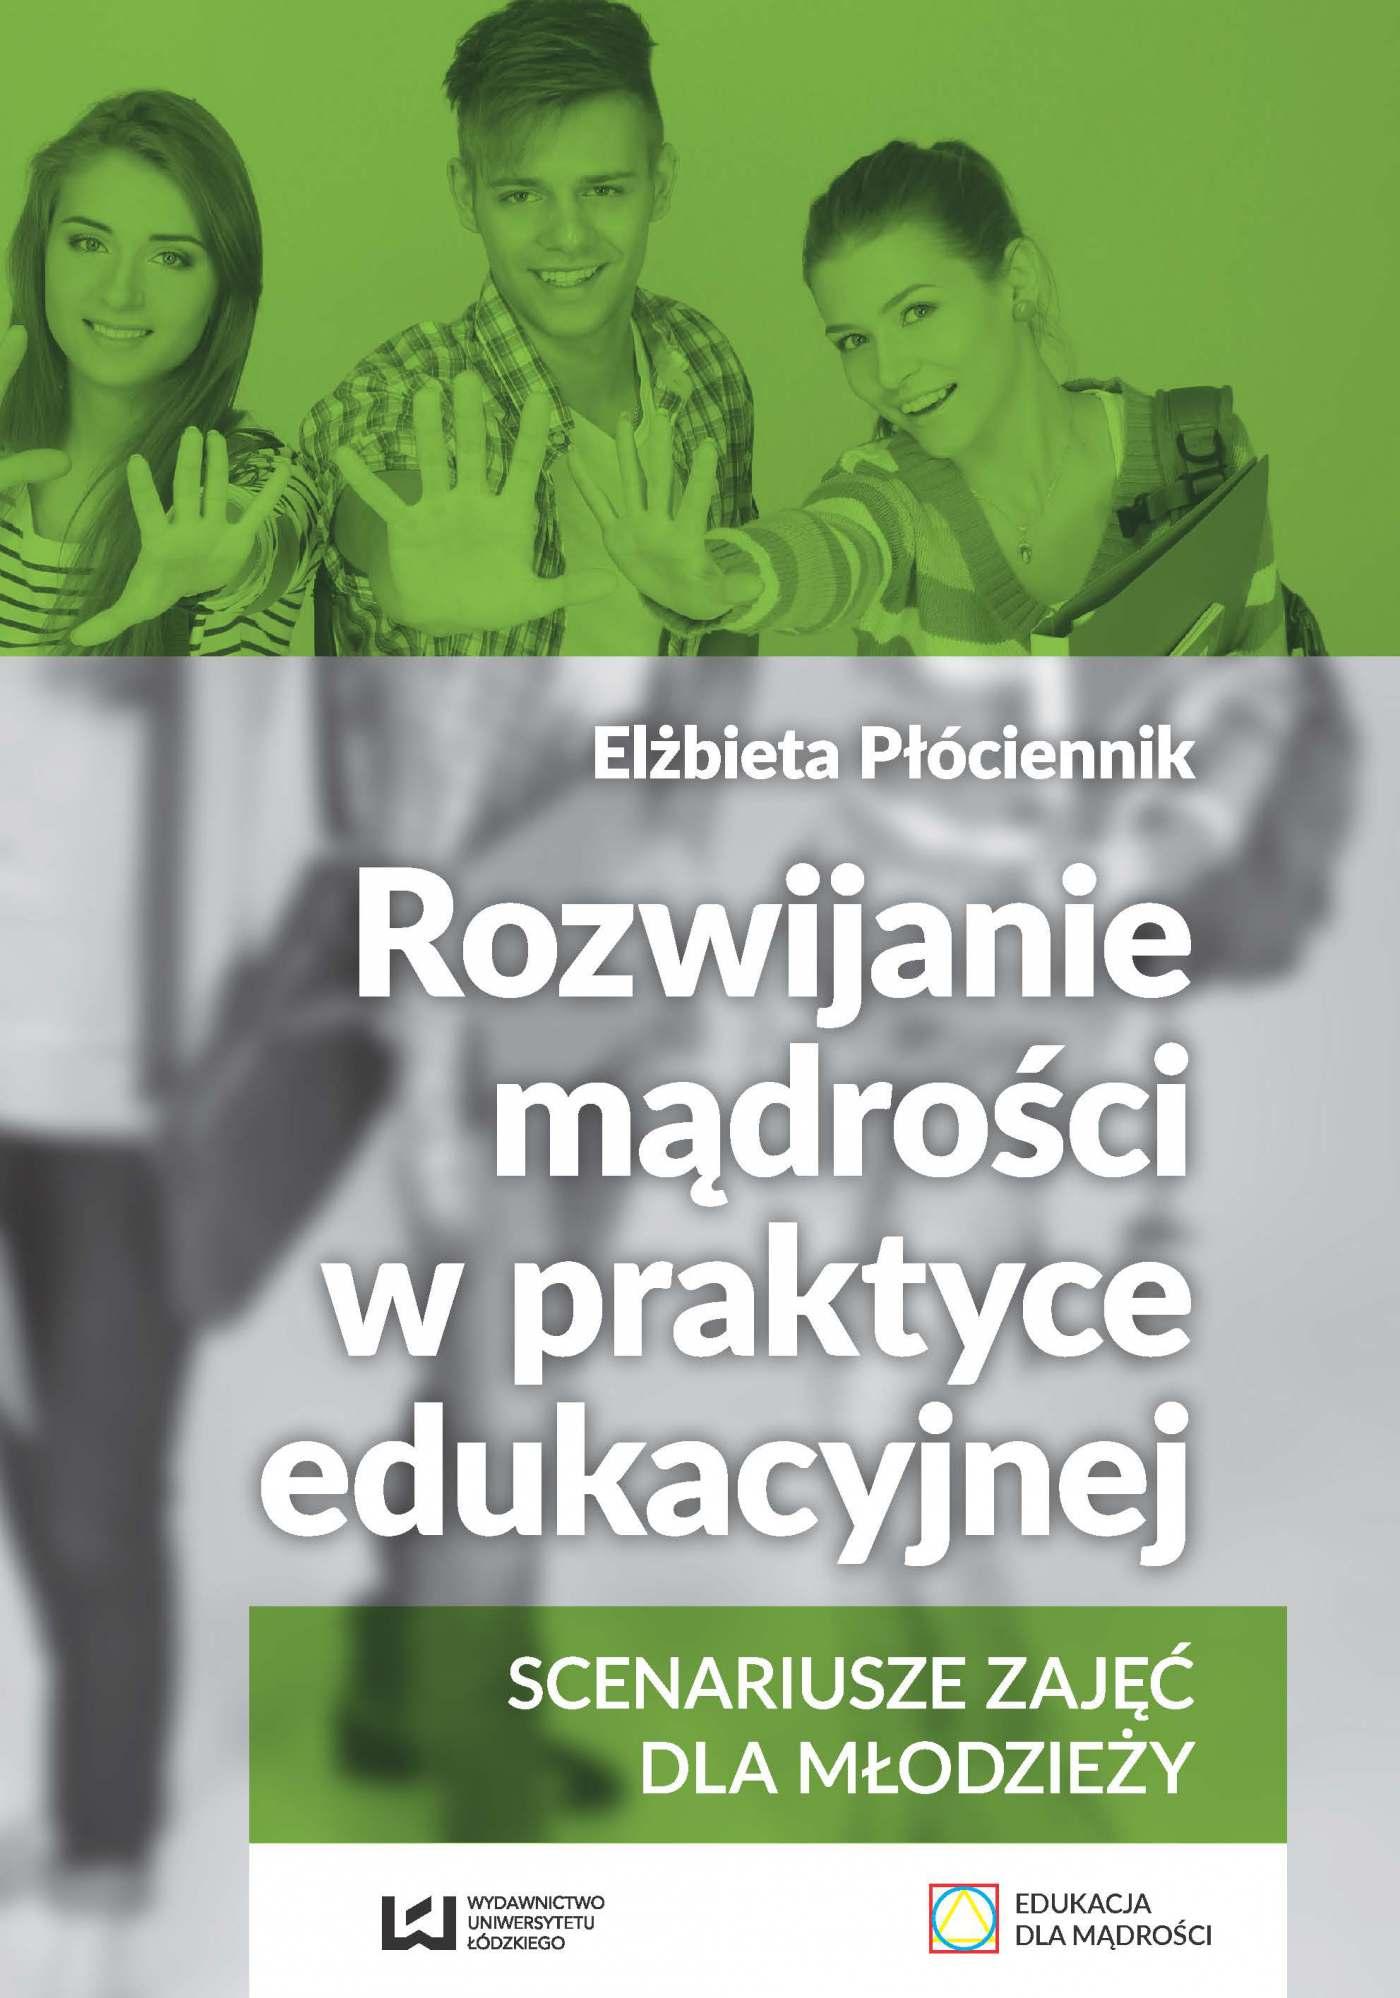 Rozwijanie mądrości w praktyce edukacyjnej. Scenariusze zajęć dla młodzieży - Ebook (Książka PDF) do pobrania w formacie PDF